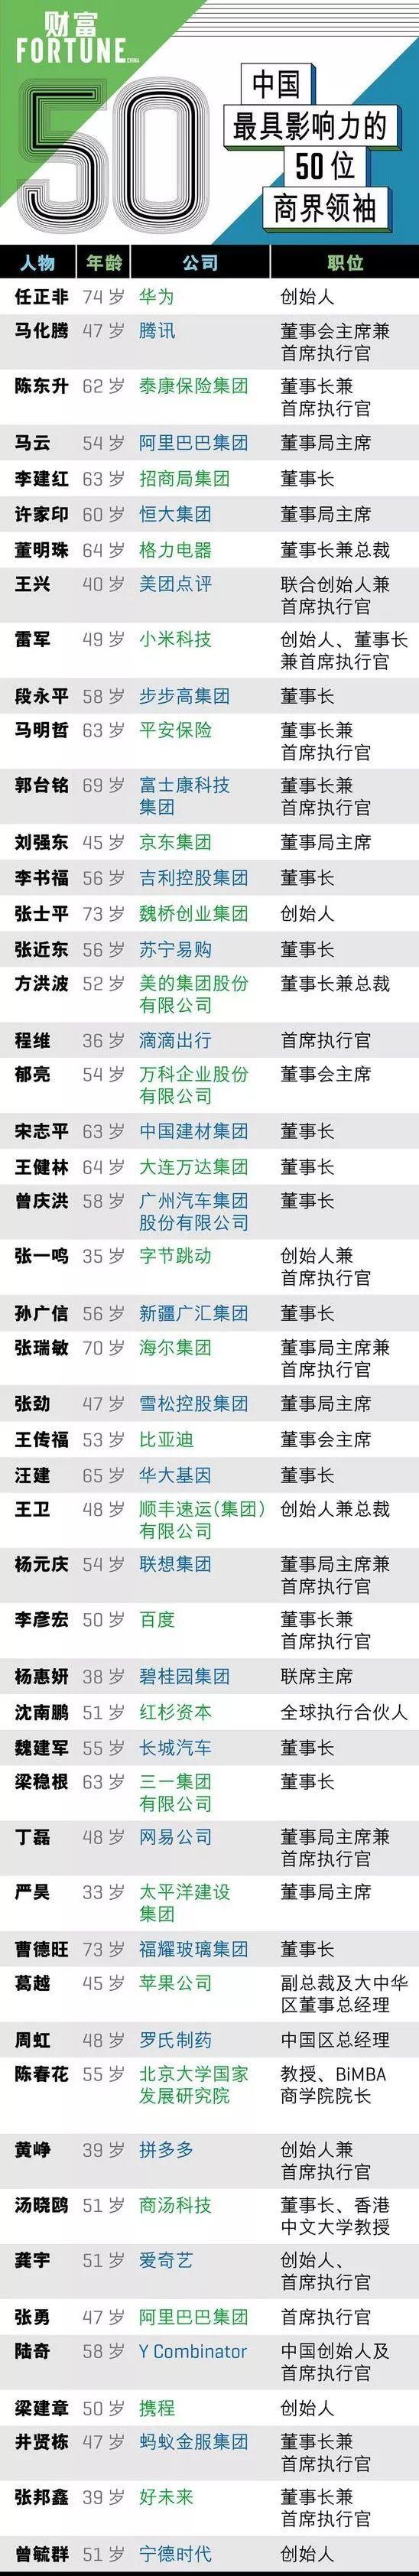 2019中国最具影响力商界领袖榜单:任正非居首、马化腾第二